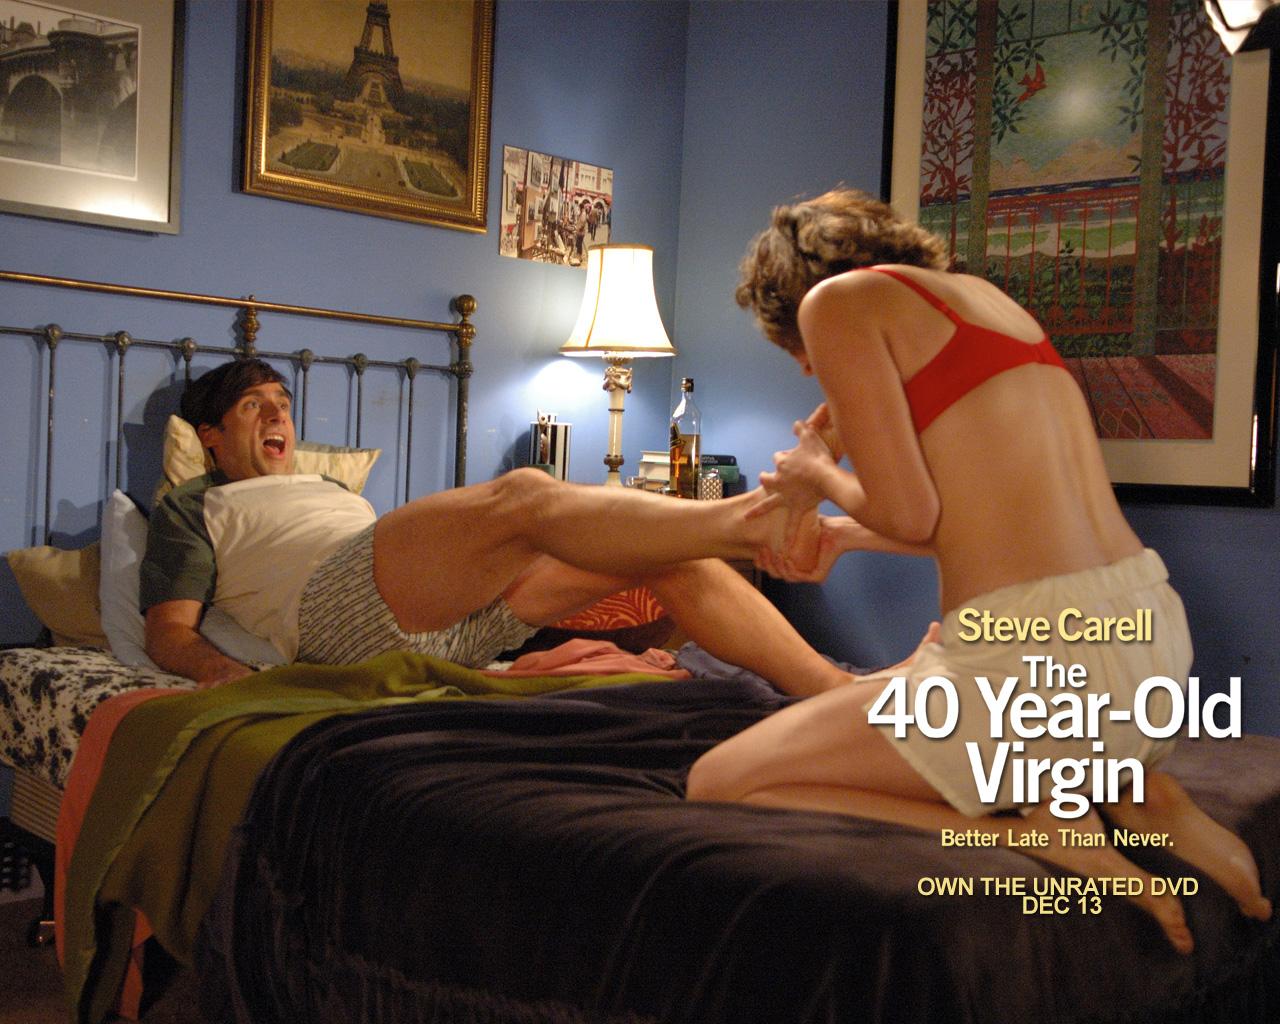 Я извращенец порно истории, Порно рассказ: Жена-извращенка. Часть 1 2 фотография